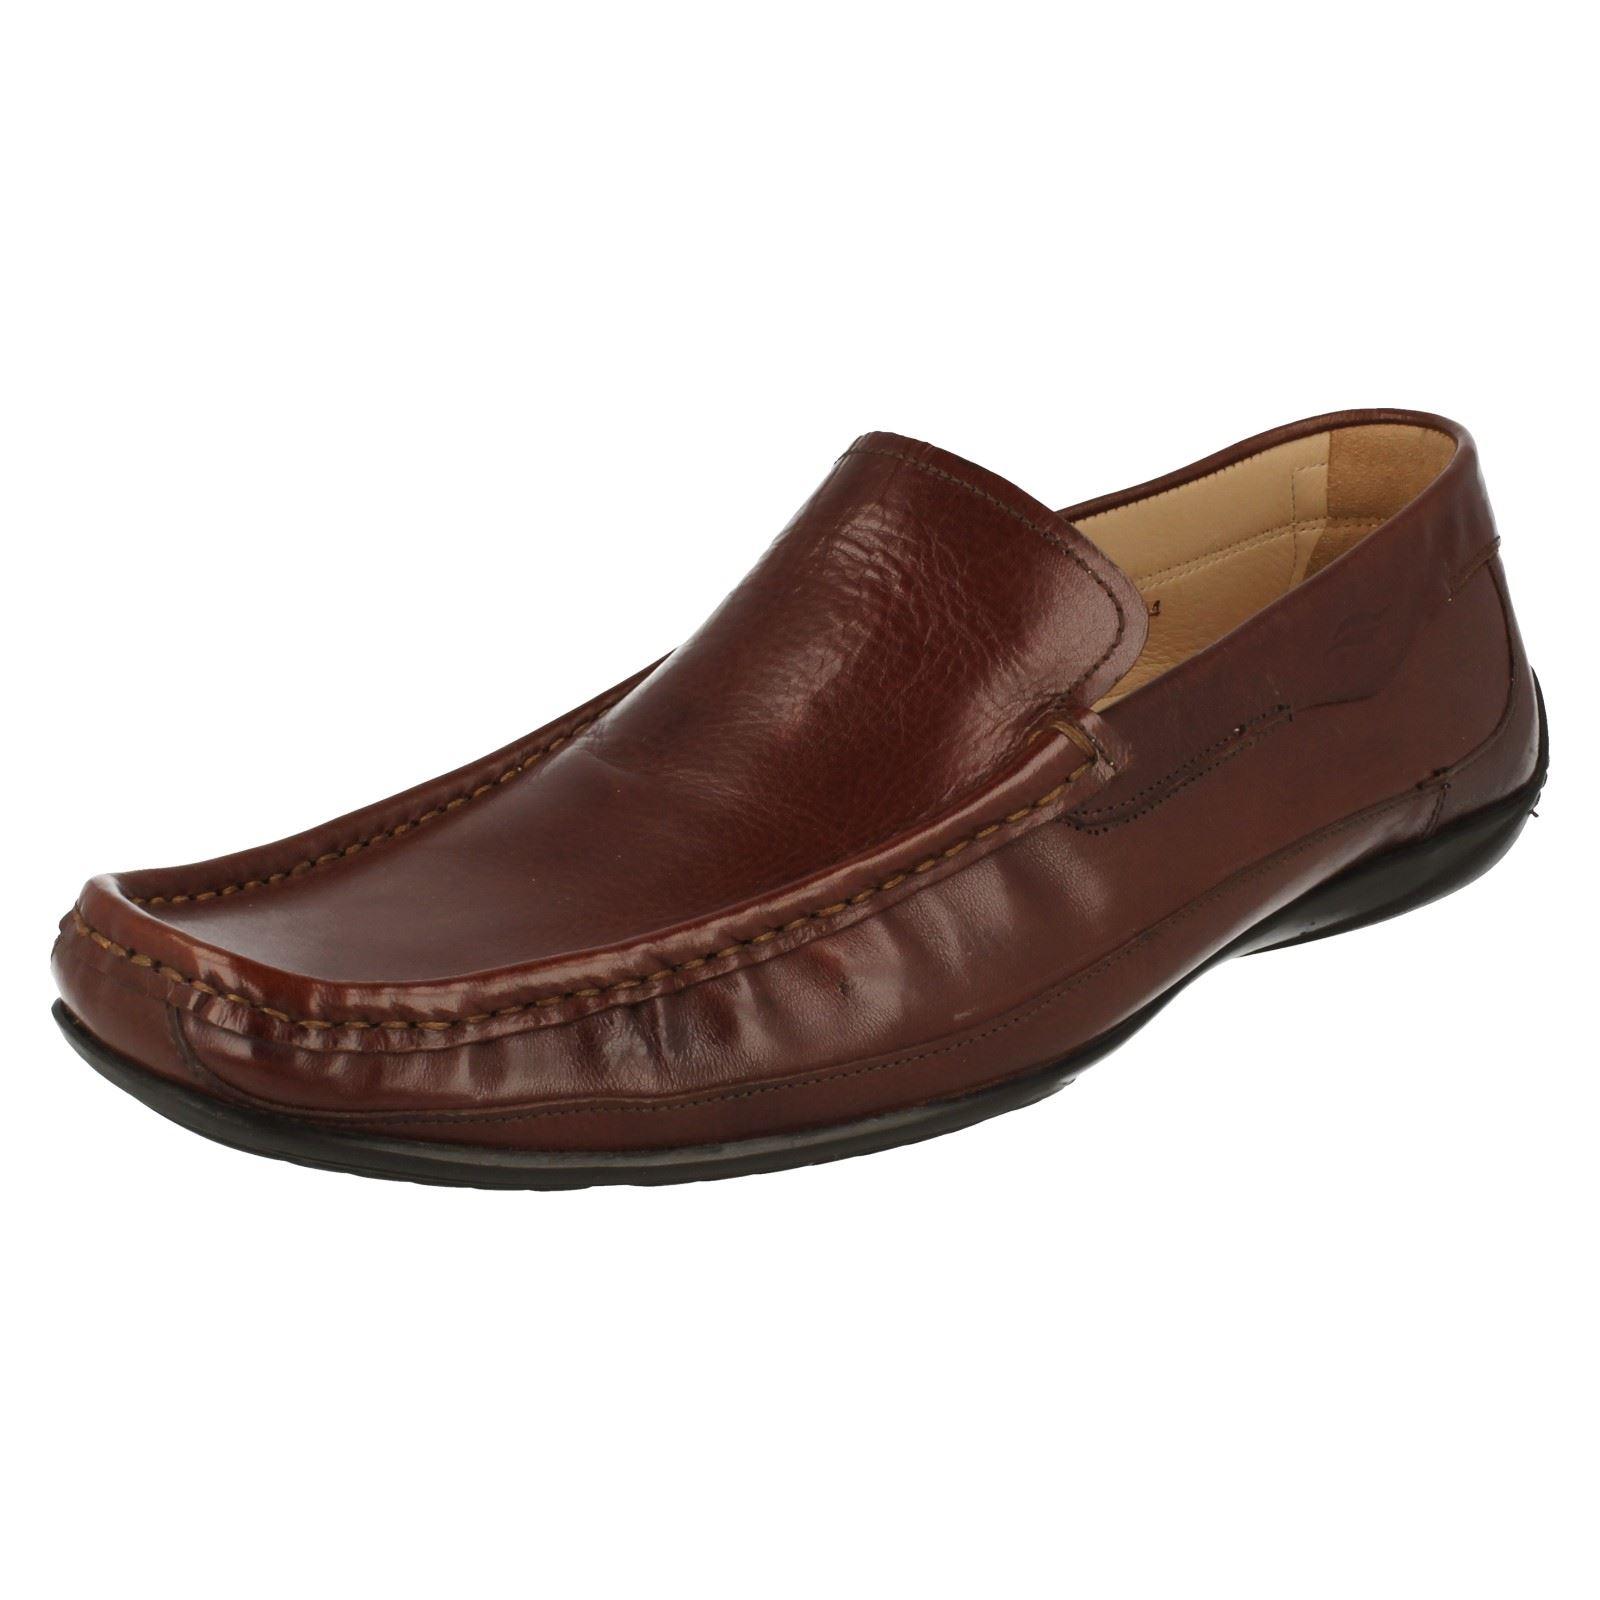 Herren Grenson Slip On Schuhe Garda